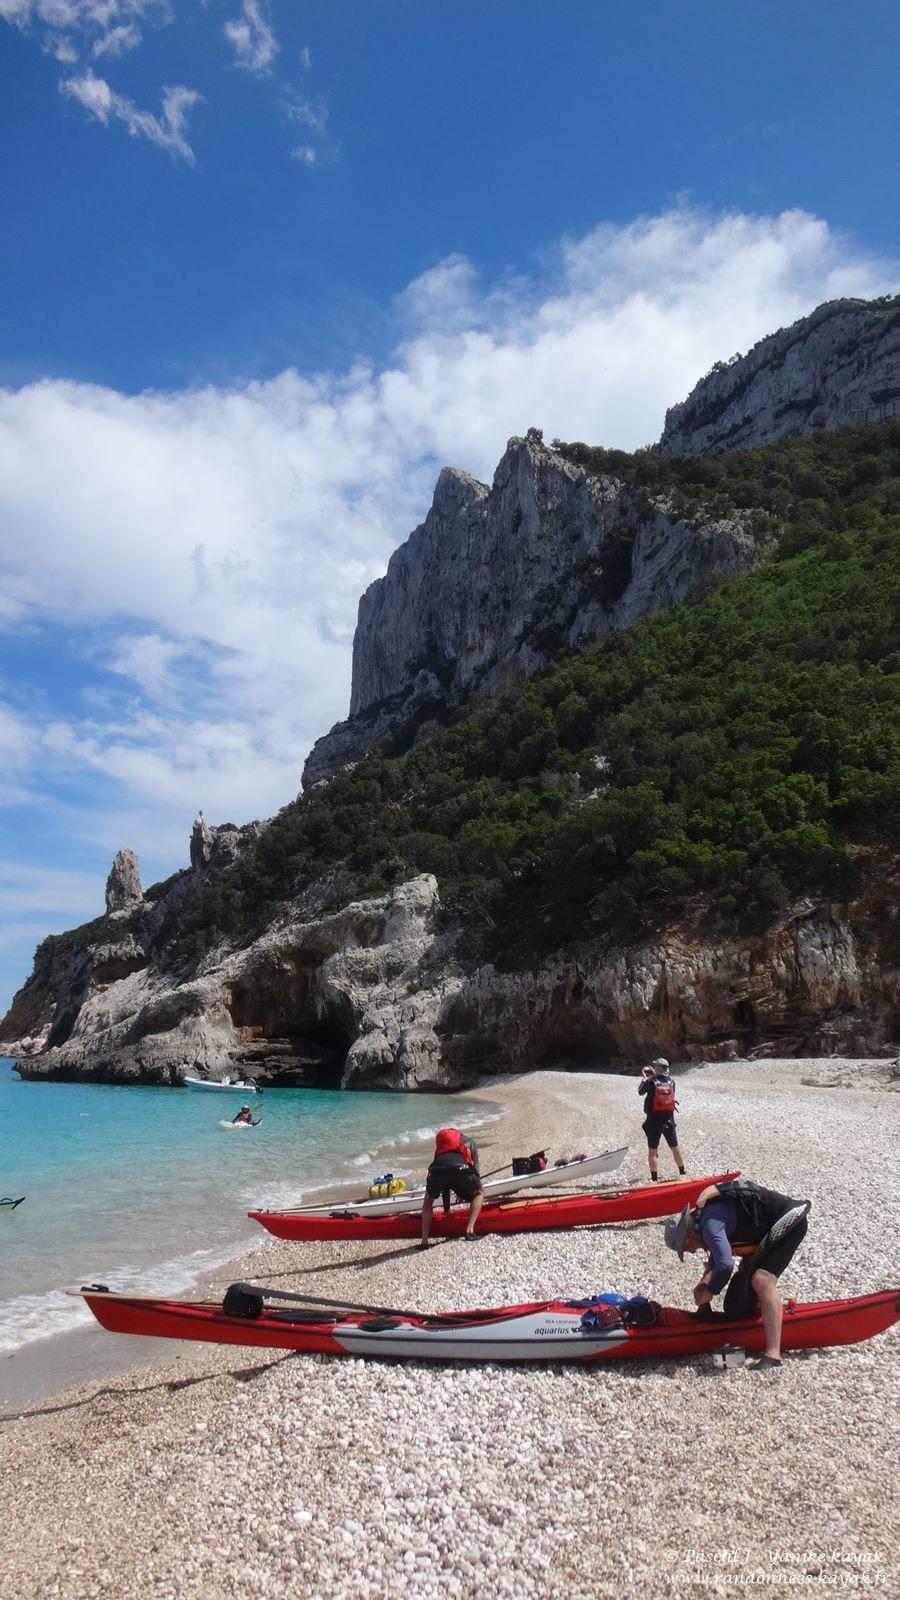 Sardegna 2019, una nuova avventura - chapitre 1: à la découverte des merveilles du Golfe d'Orosei